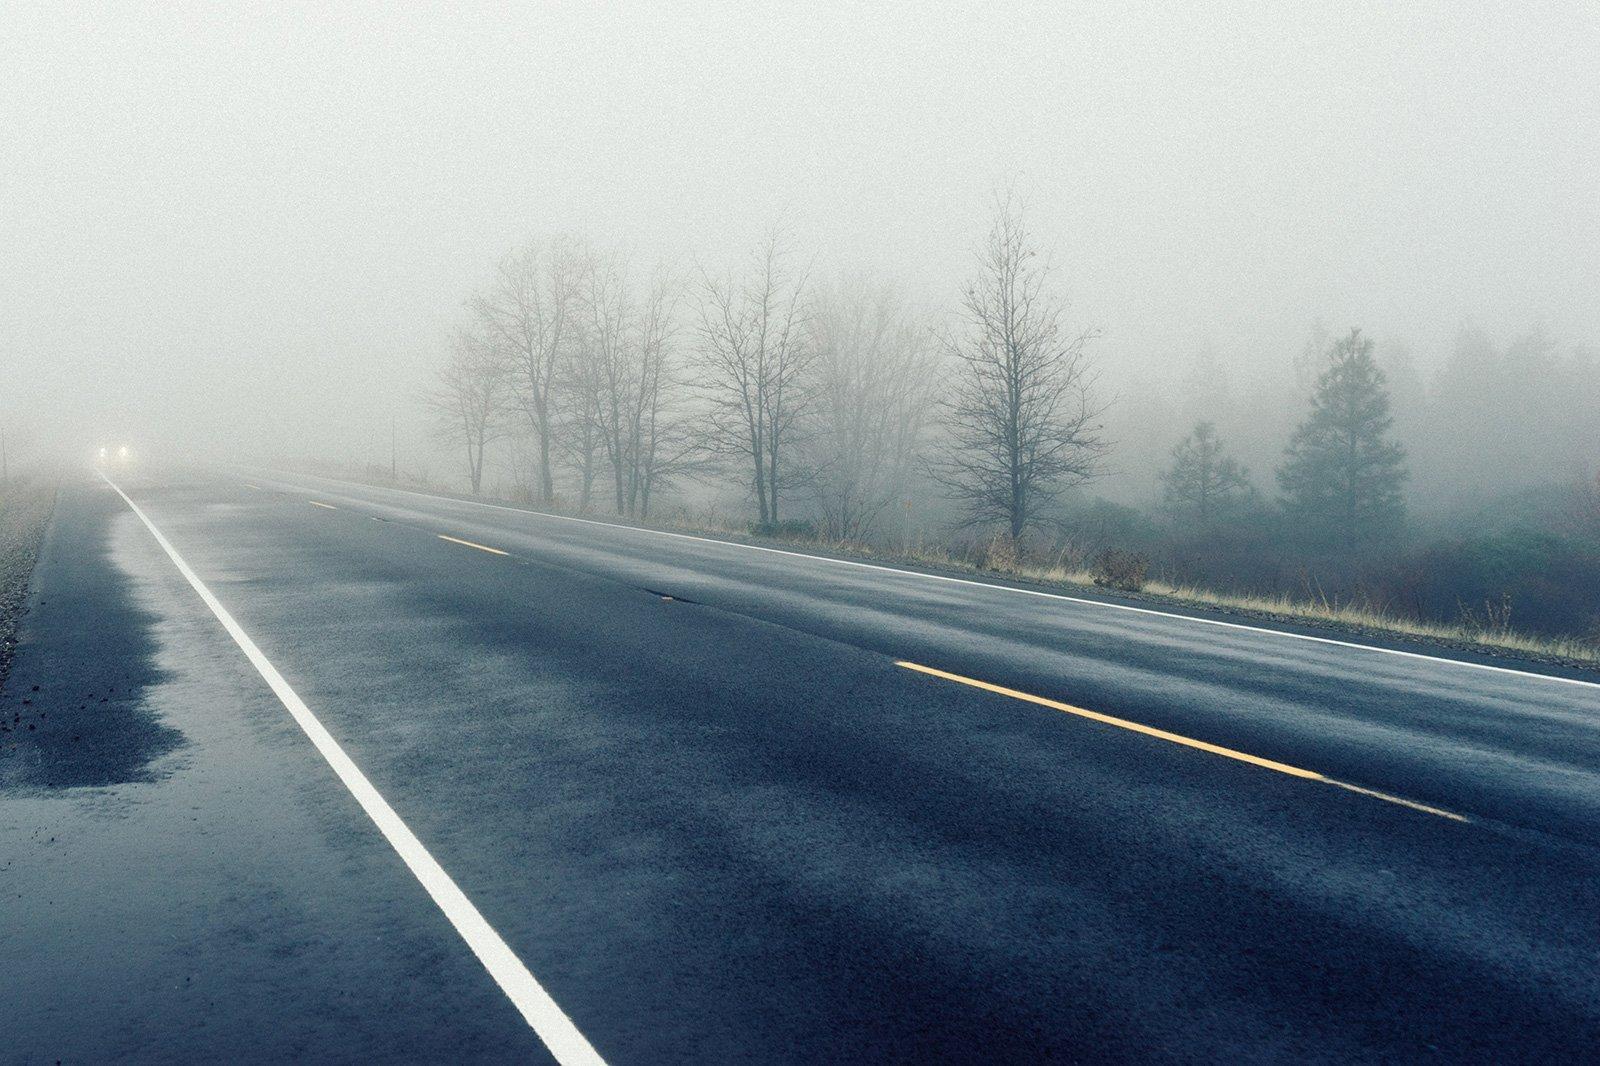 Как безопасно ездить в дождь: советы бывалого  водителя